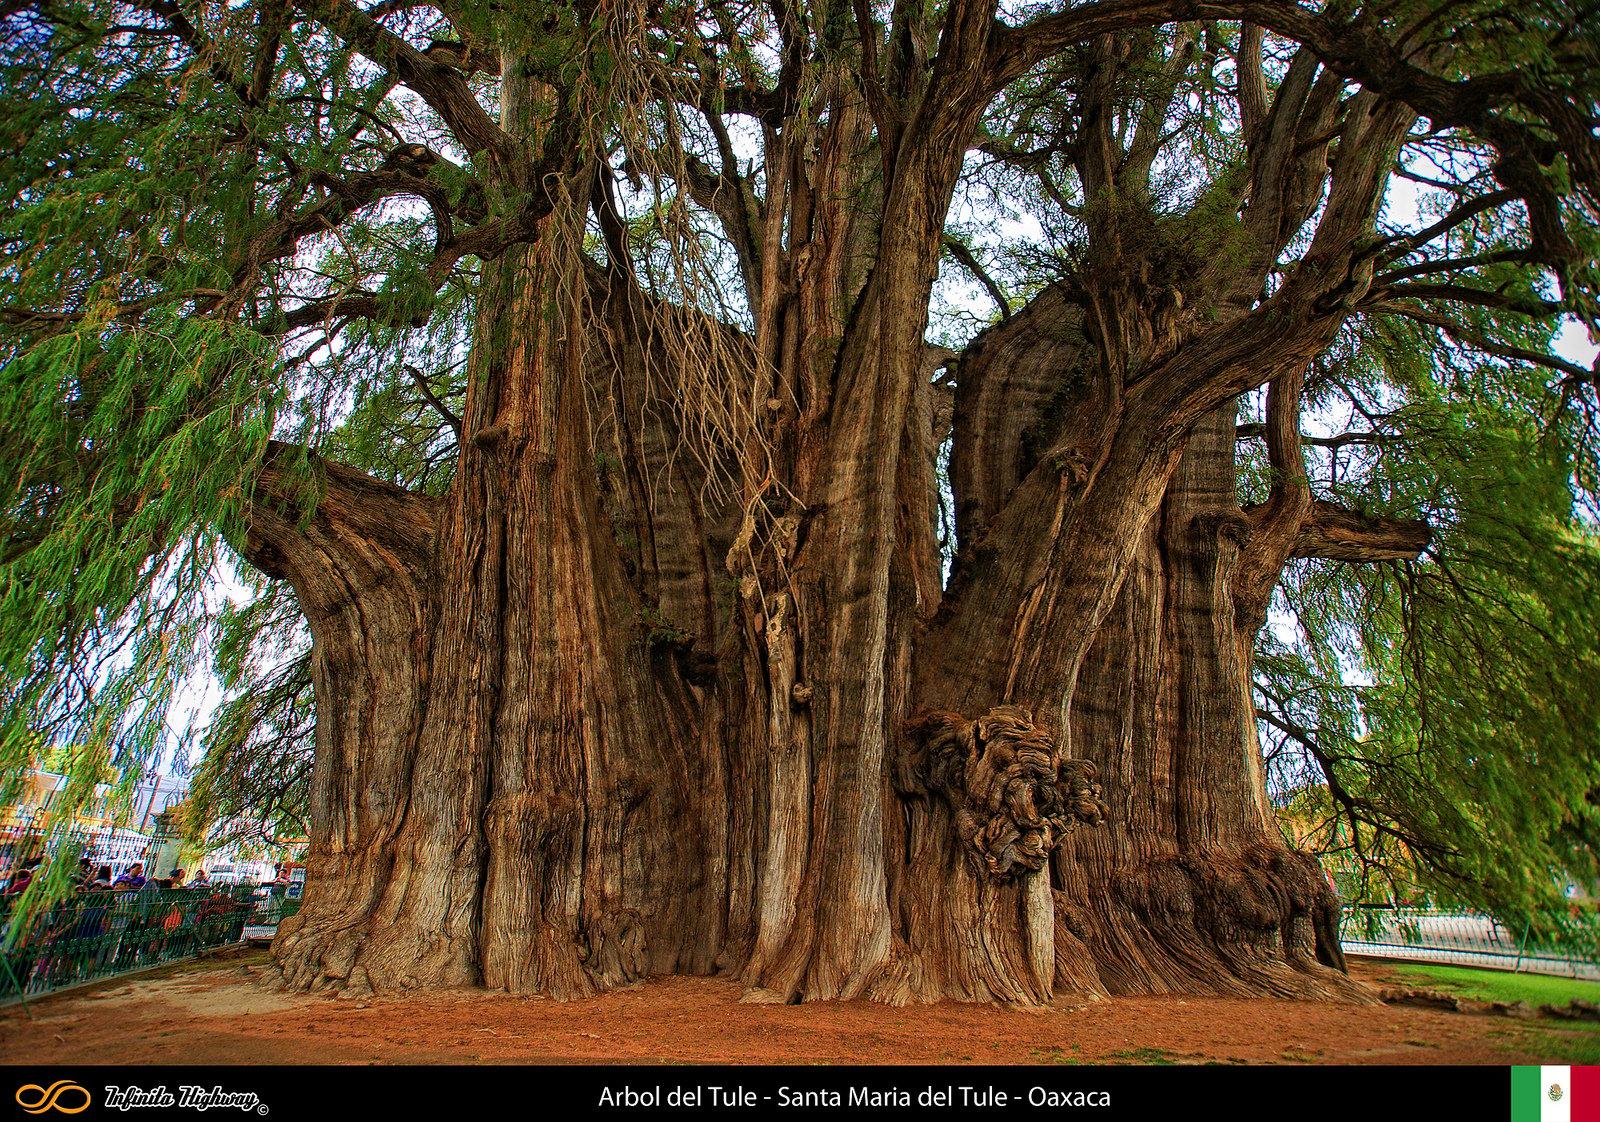 Fotos de los arboles mas hermosos y bellos del mundo for Arbol mas grande del mundo